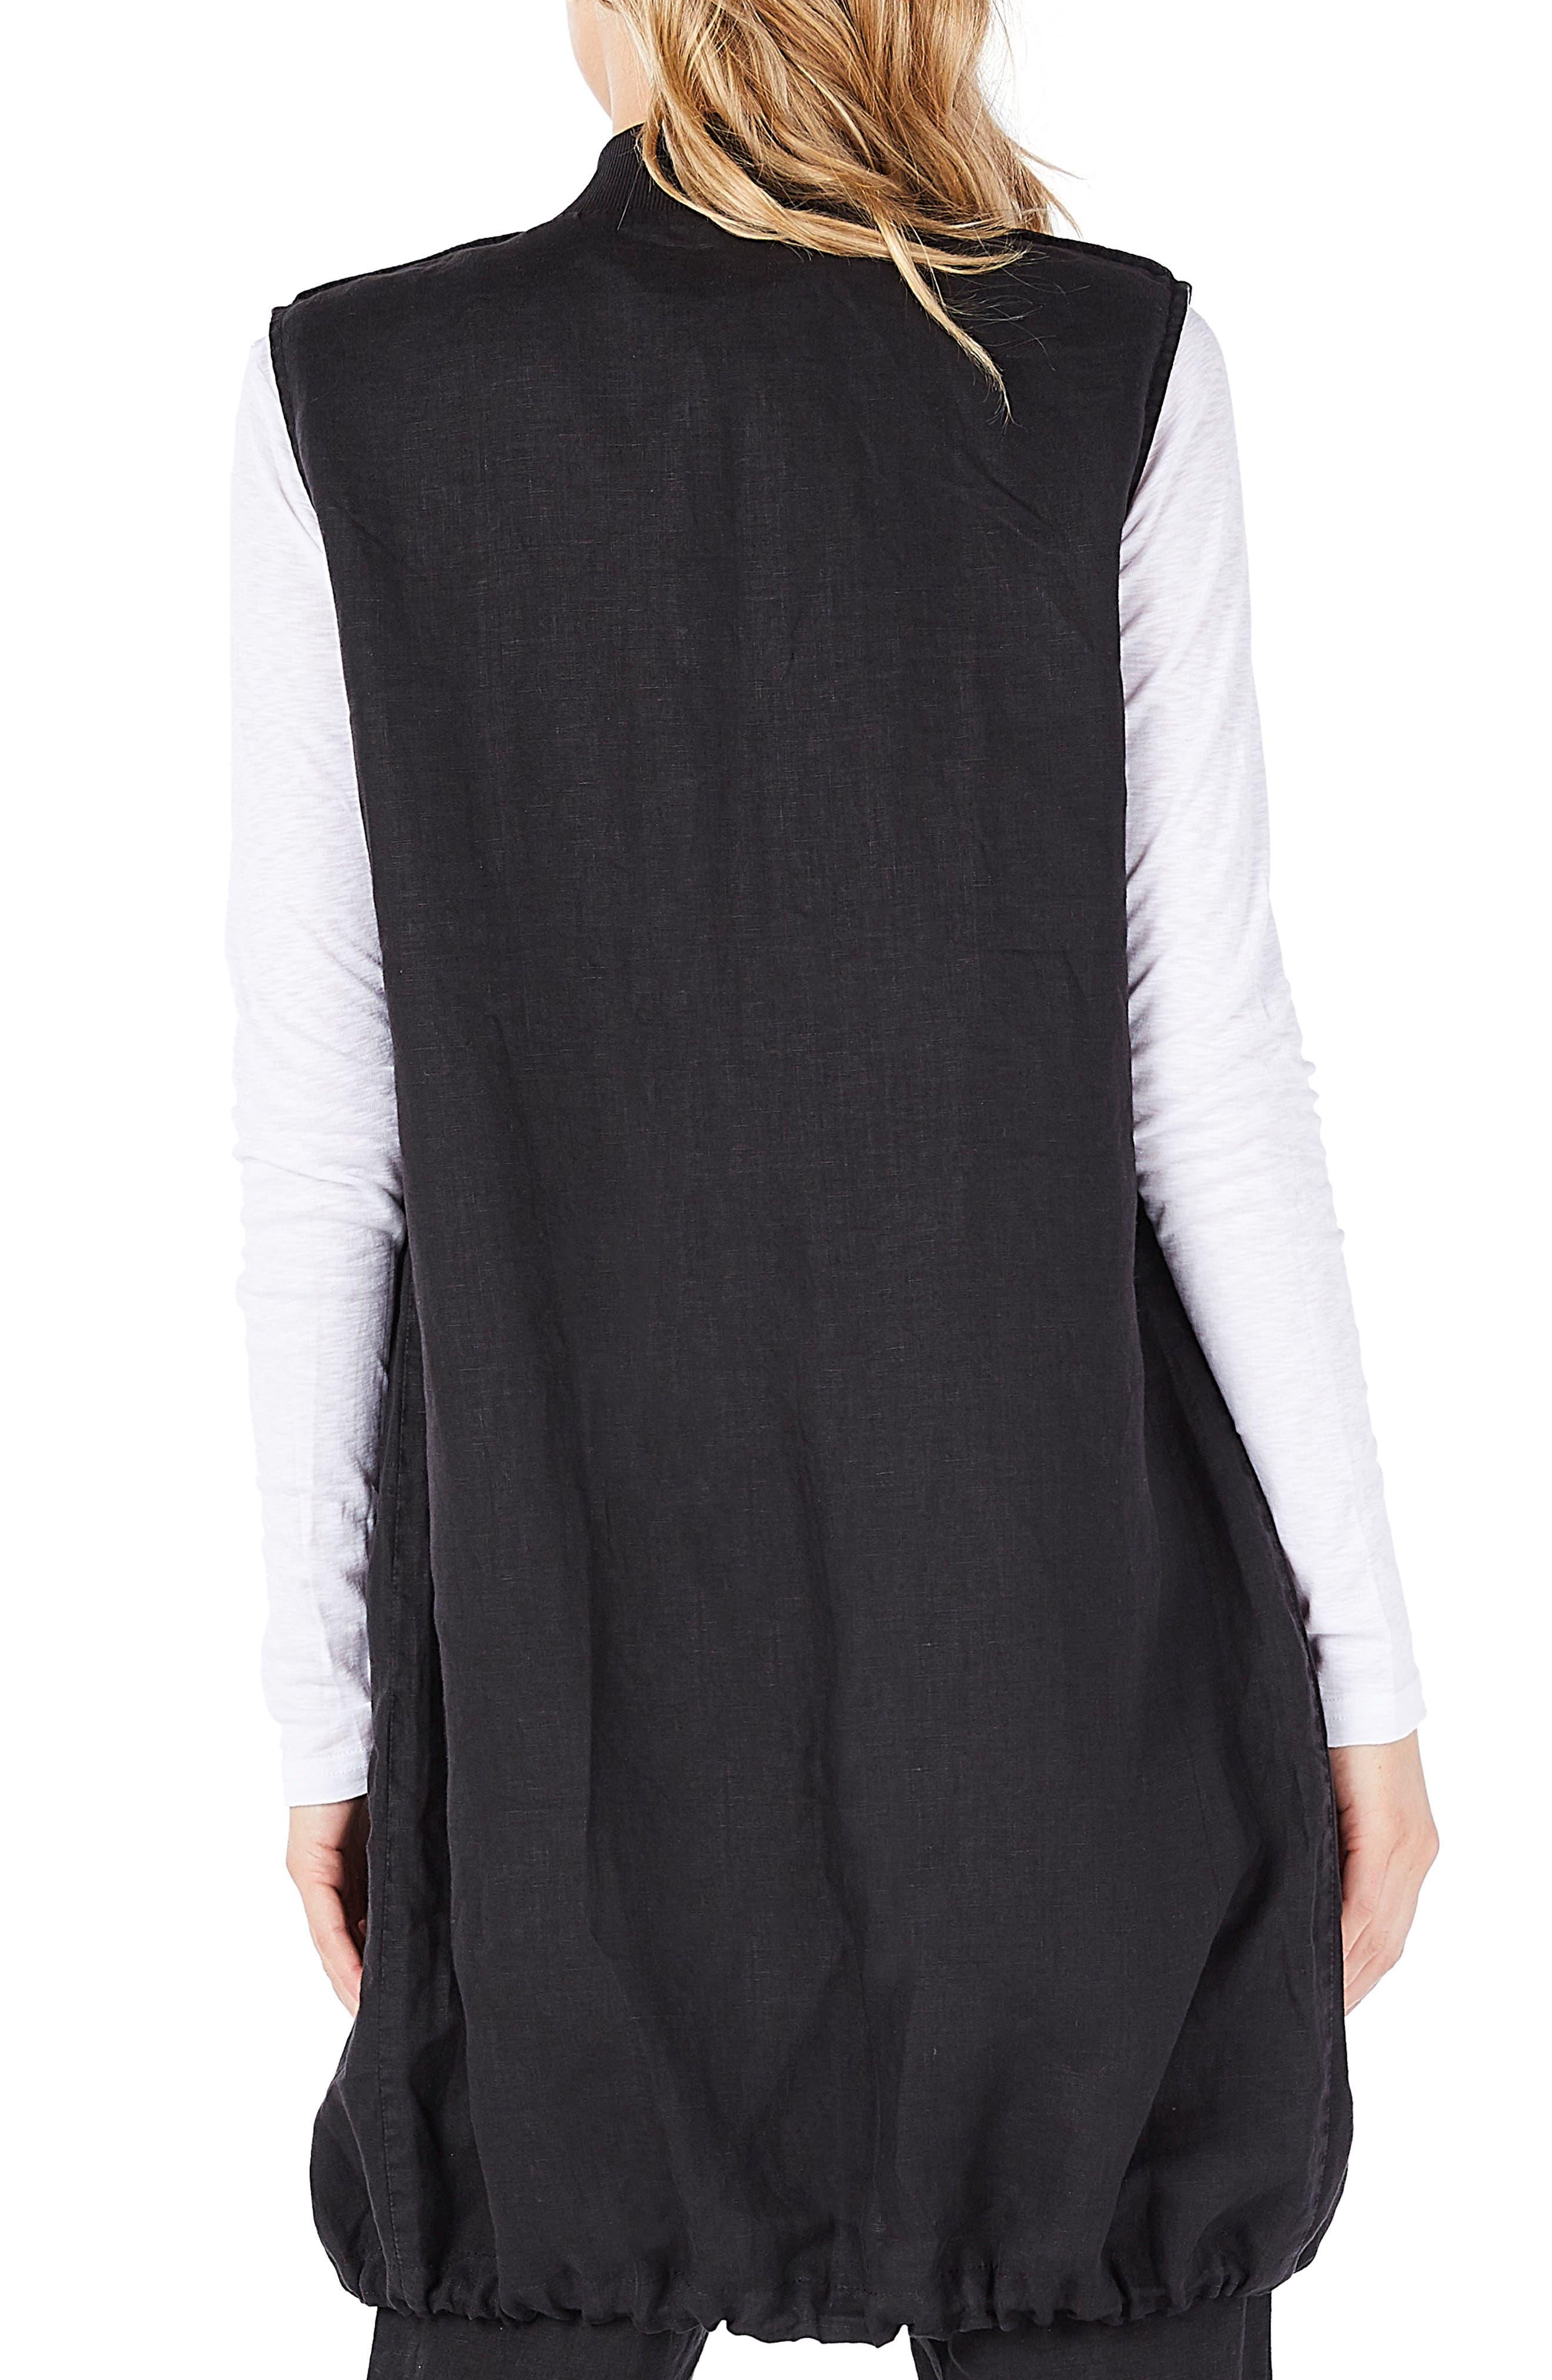 Reversible Bomber Vest,                             Alternate thumbnail 2, color,                             Black